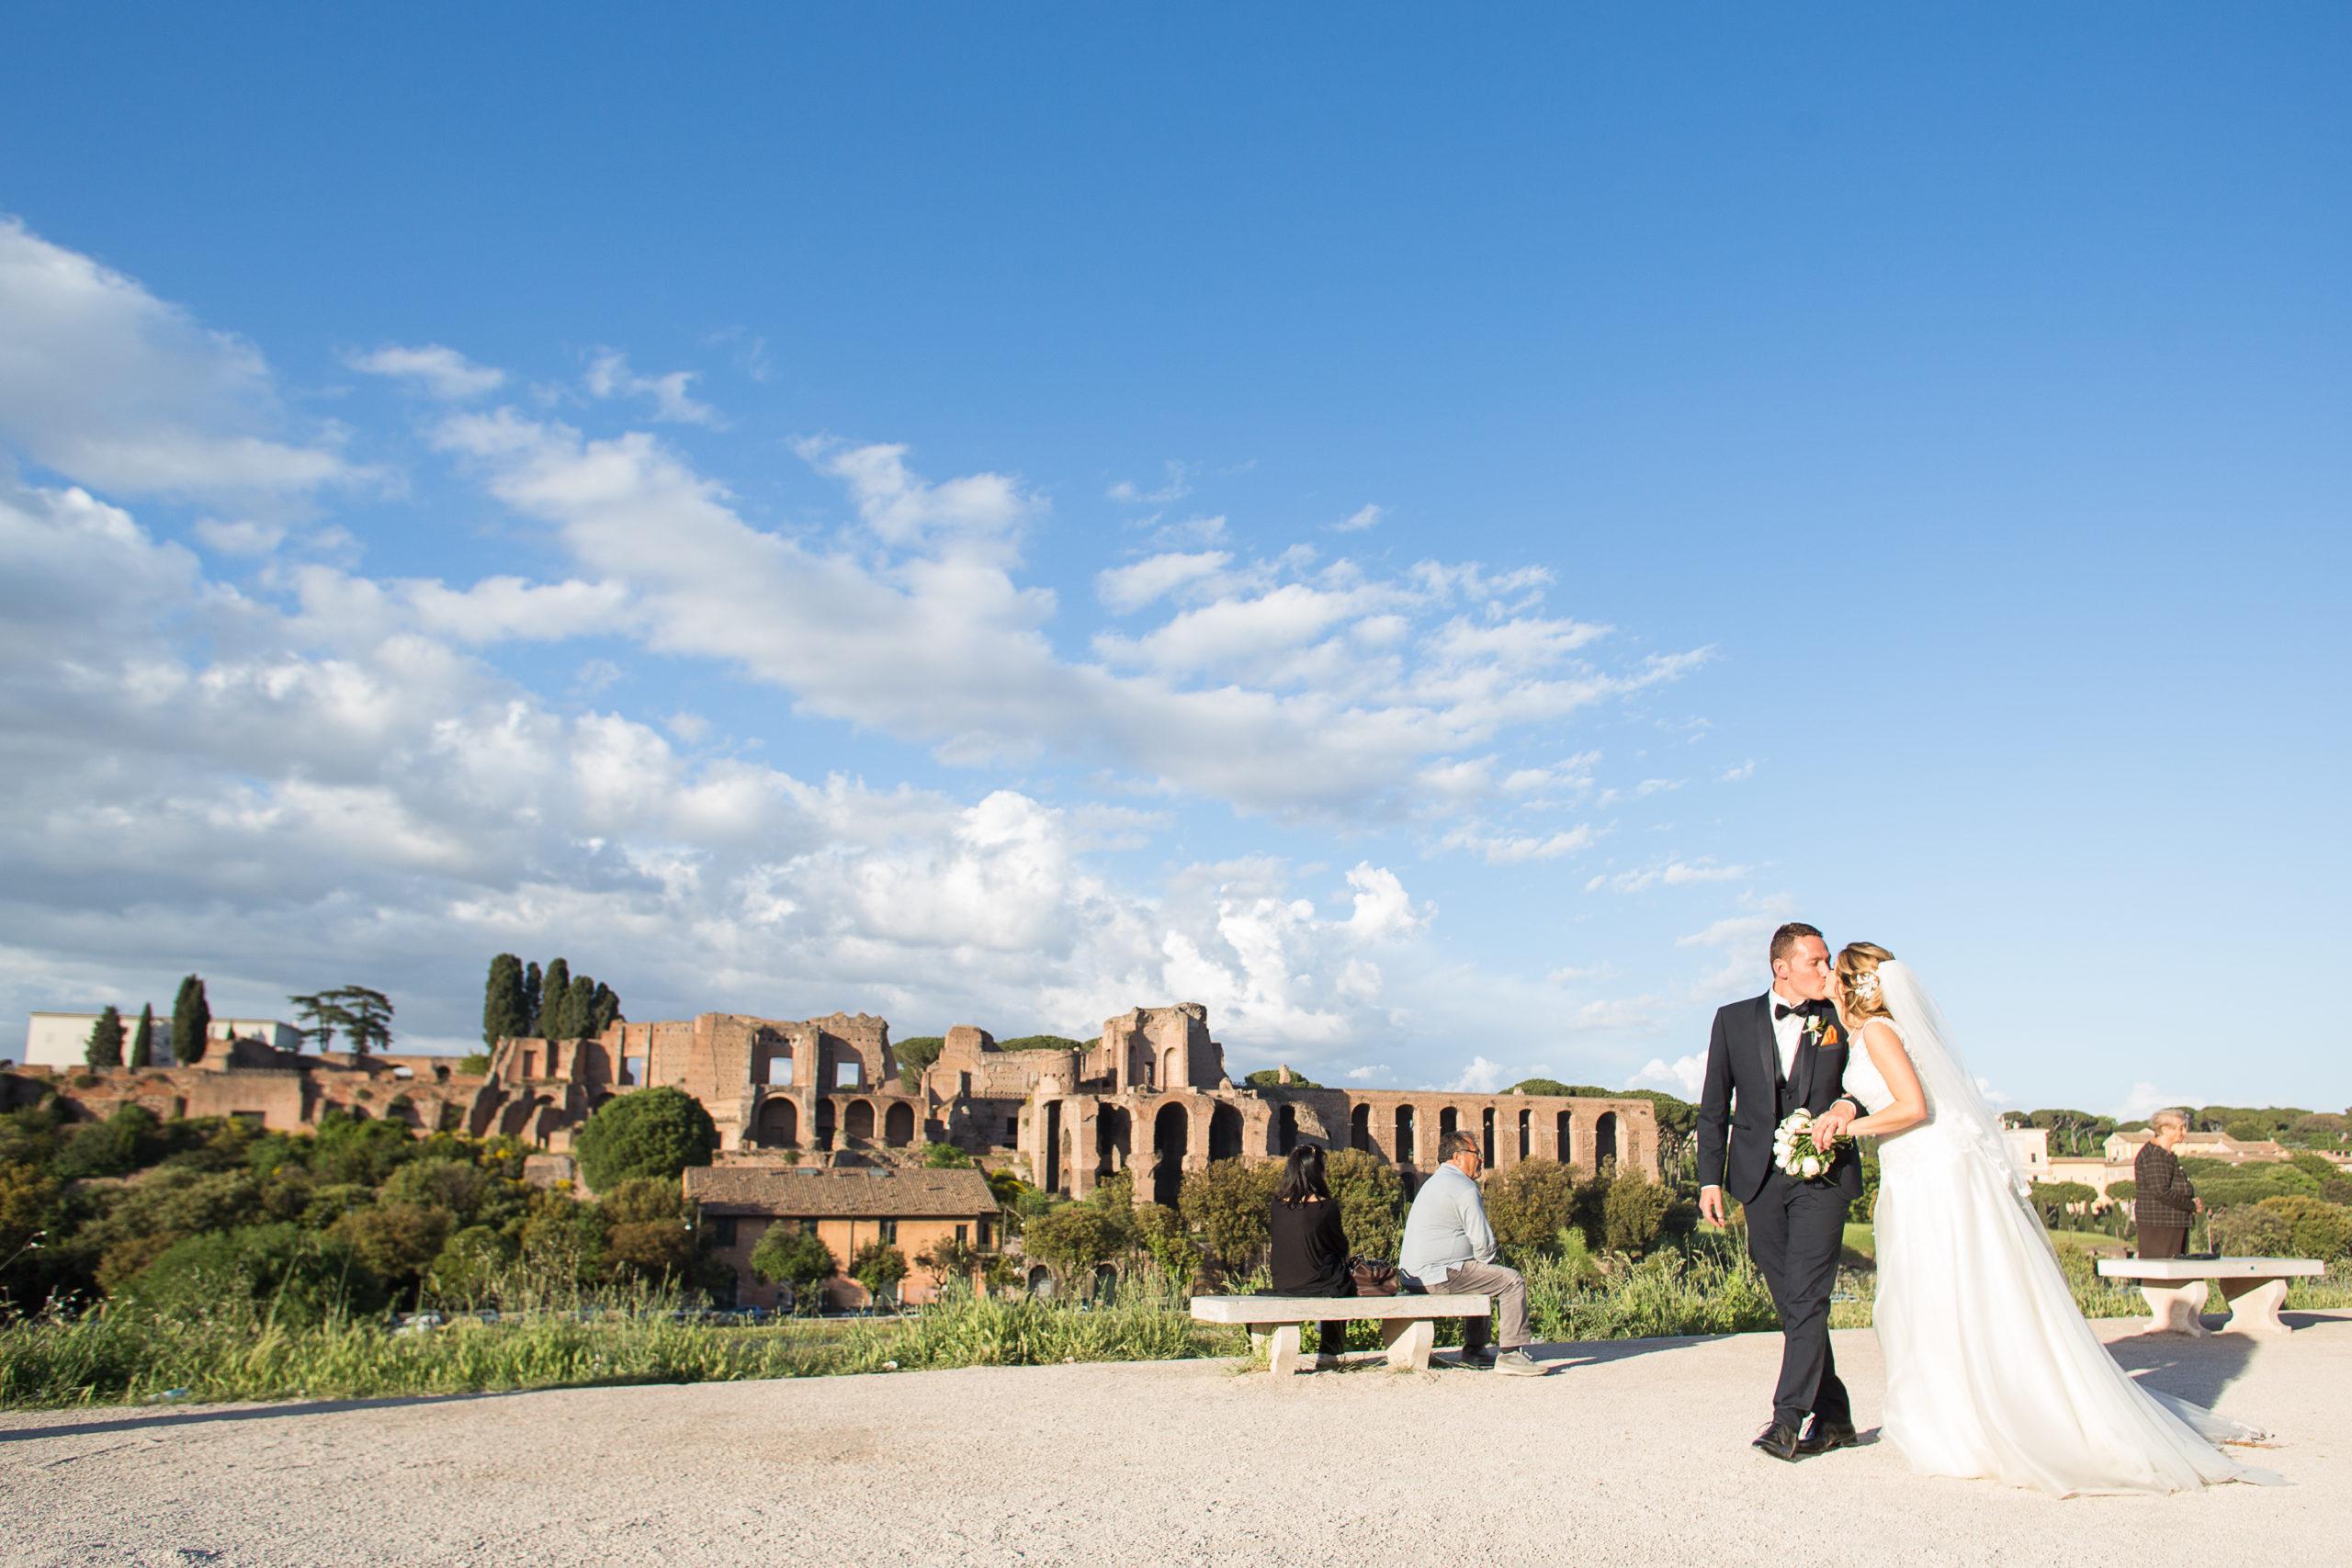 nf-Fotografo-Matrimonio-Roma-Palatino